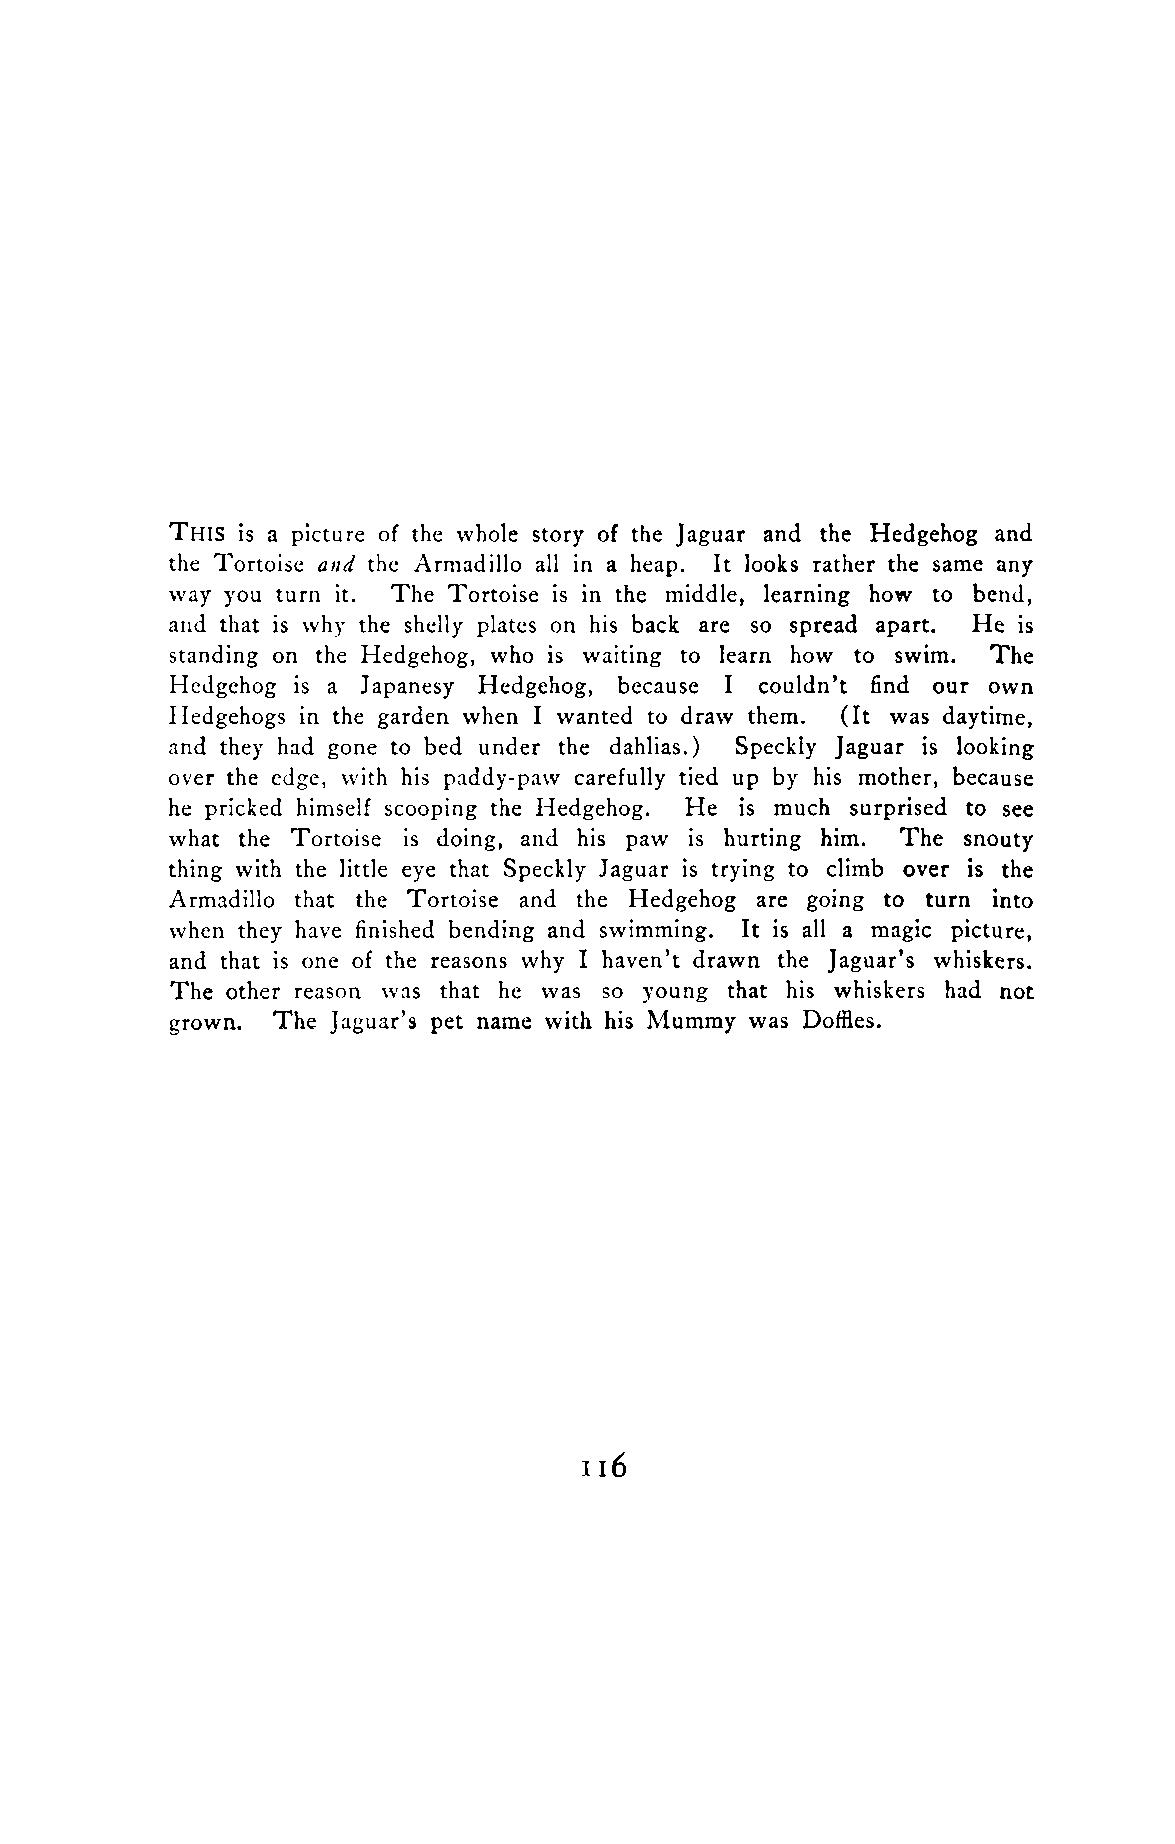 george orwell essay rudyard kipling 1942